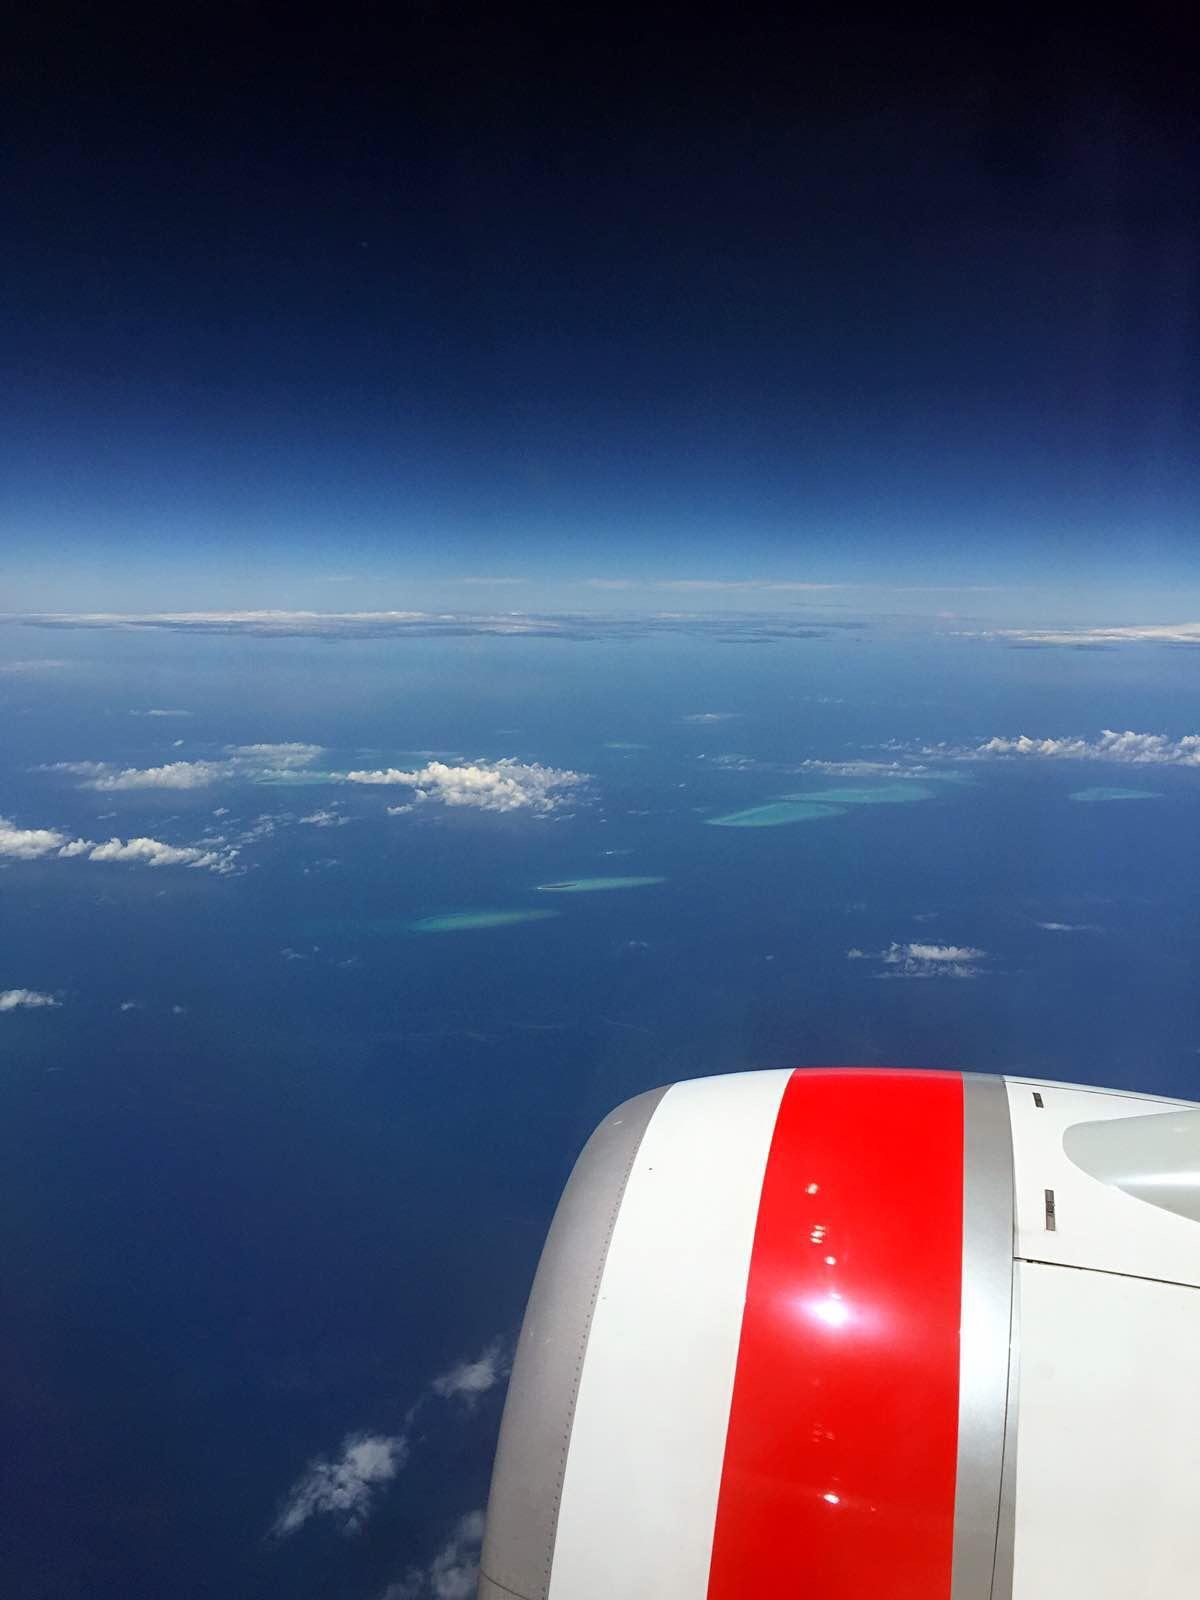 在飞往汉密尔顿岛的飞机上就能看见海里一片一片的珊